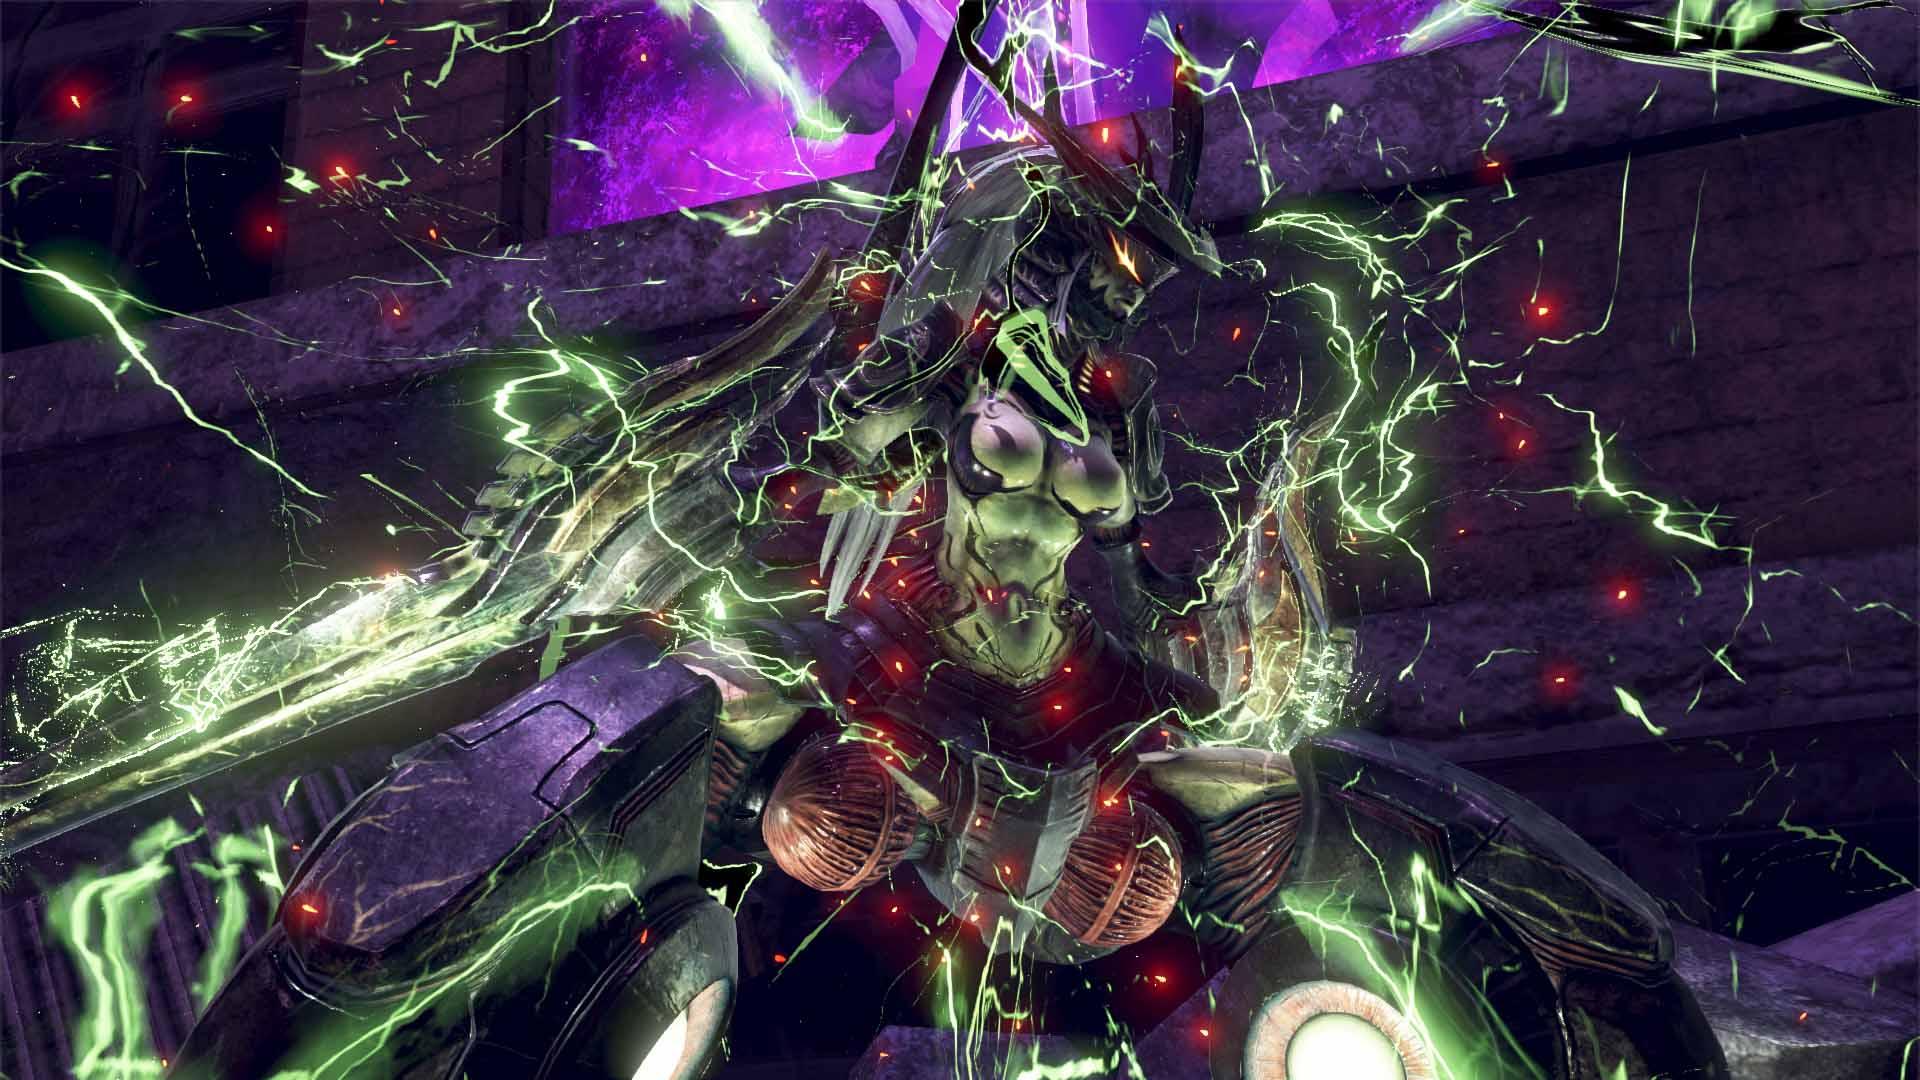 Afbeeldingsresultaat voor Ameno habakiri god eater 3